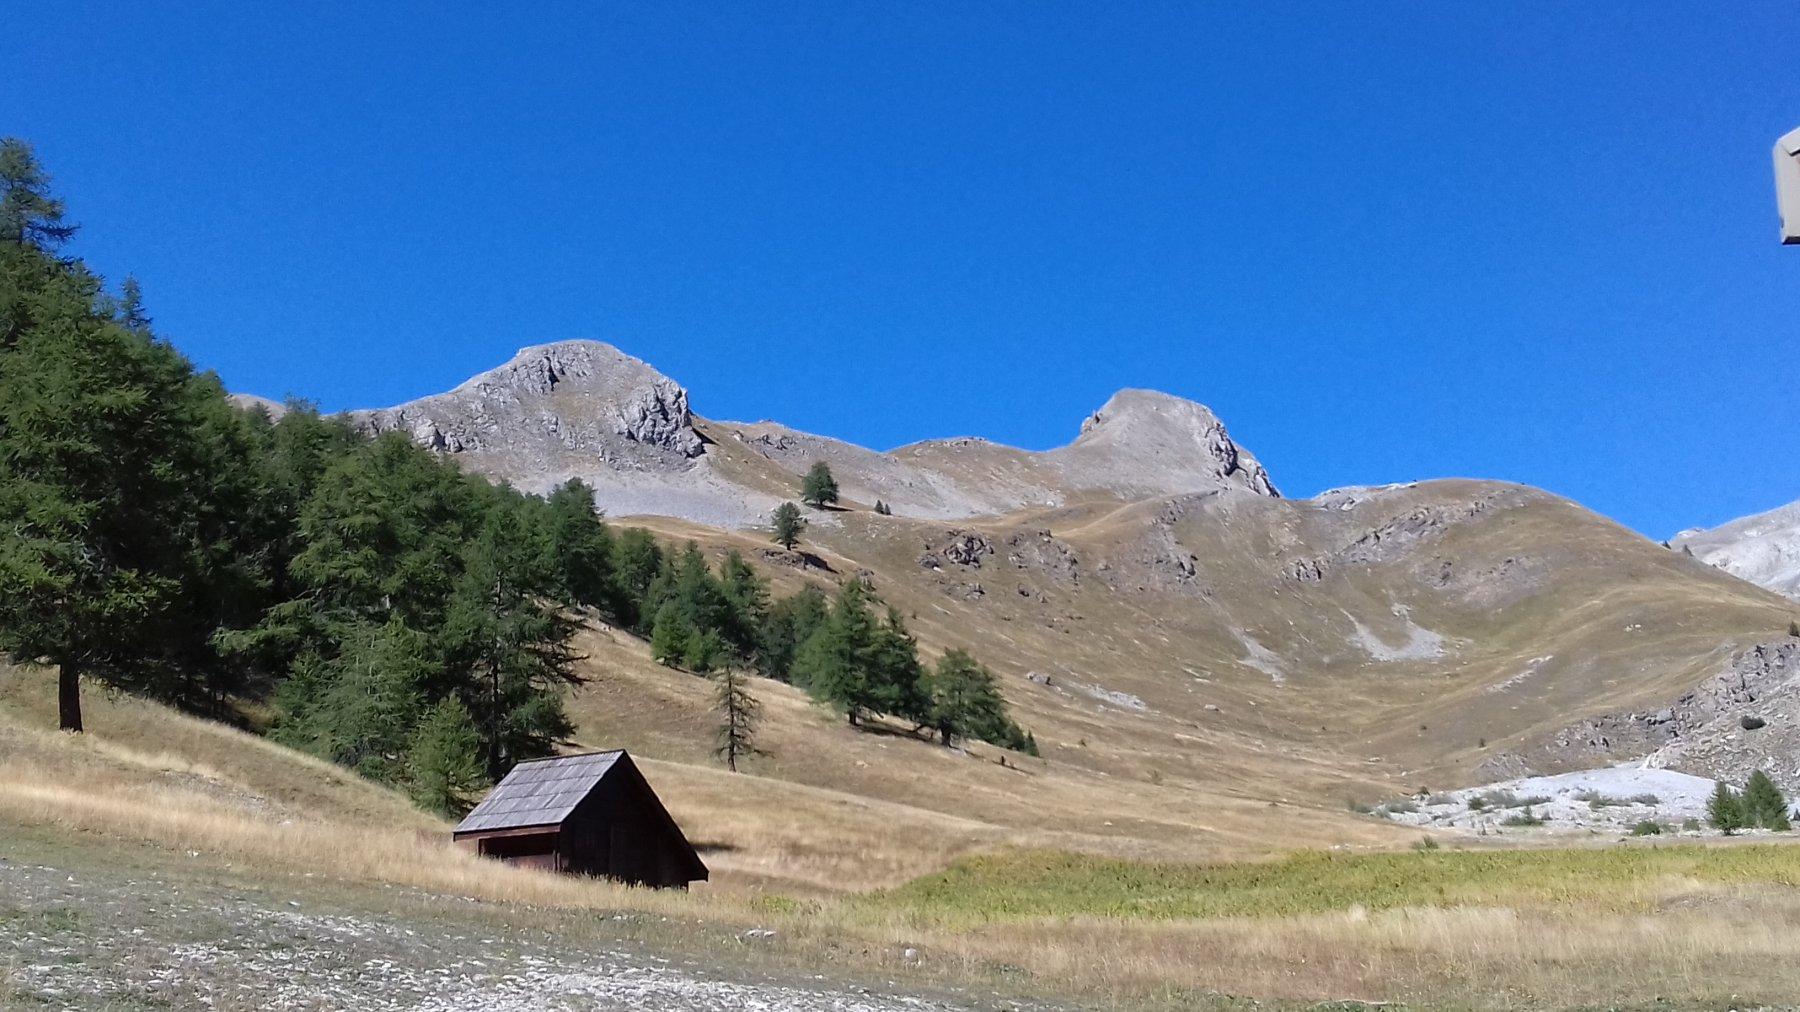 Chaberton (Monte) da Montgénevre per il Colle dello Chaberton 2019-09-12